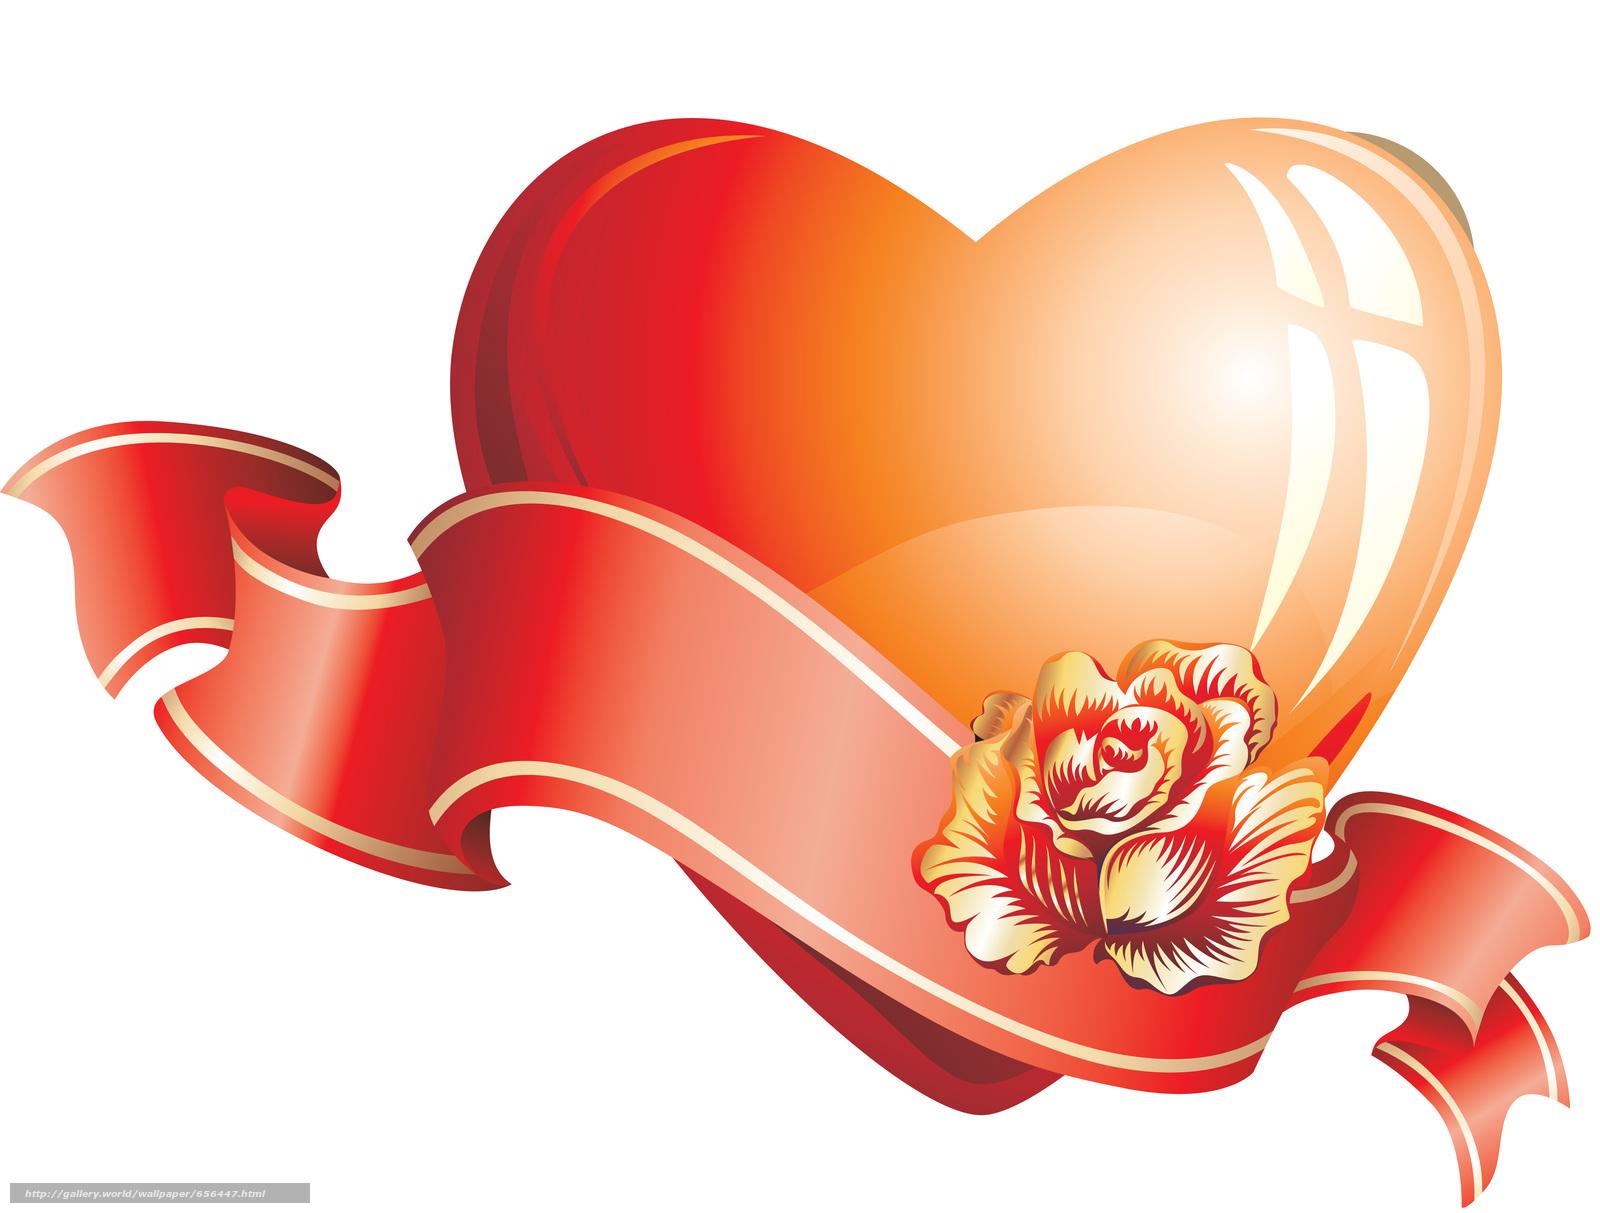 Скачать обои день святого валентина,  день всех влюбленных,  праздник,  сердце бесплатно для рабочего стола в разрешении 6205x4705 — картинка №656447